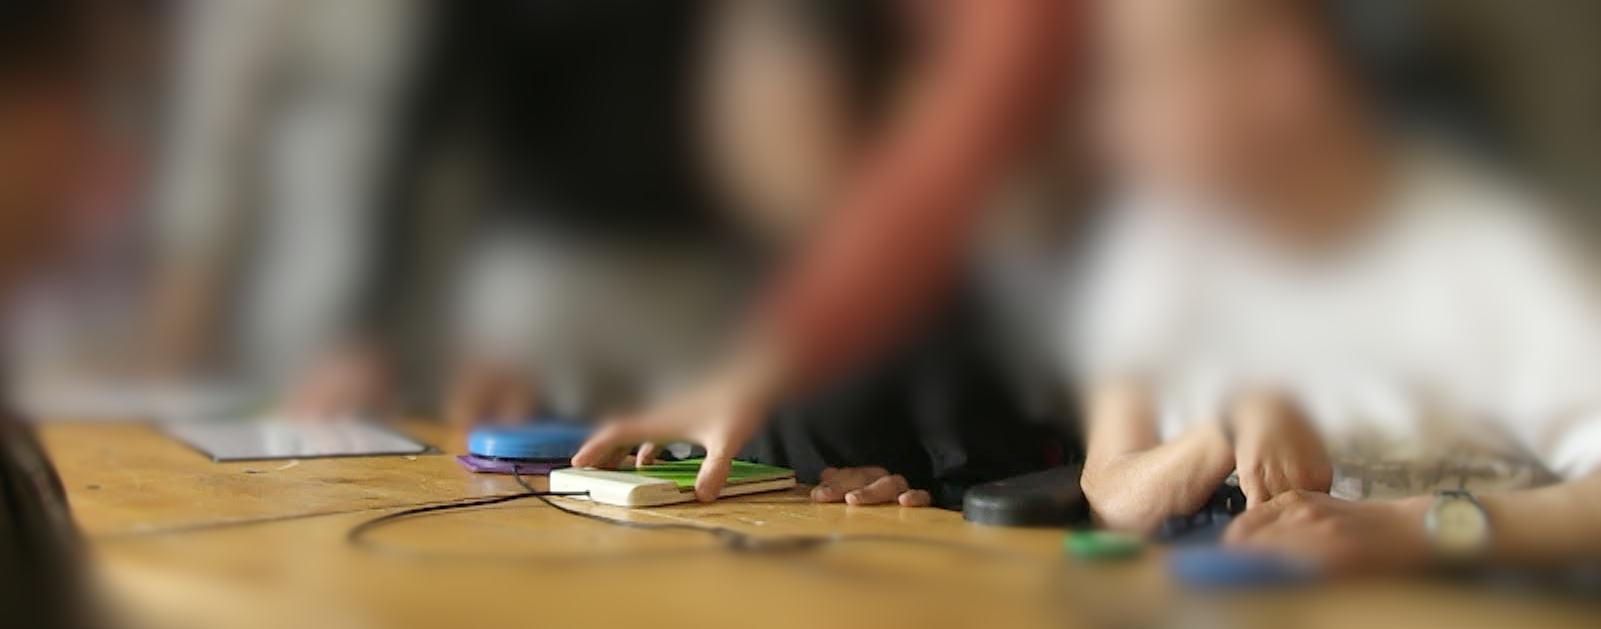 plusieurs personnes handicapées posent leur mains sur des contacteurs de l'orgue sensoriel pour pouvoir jouer et accompagner de la musique